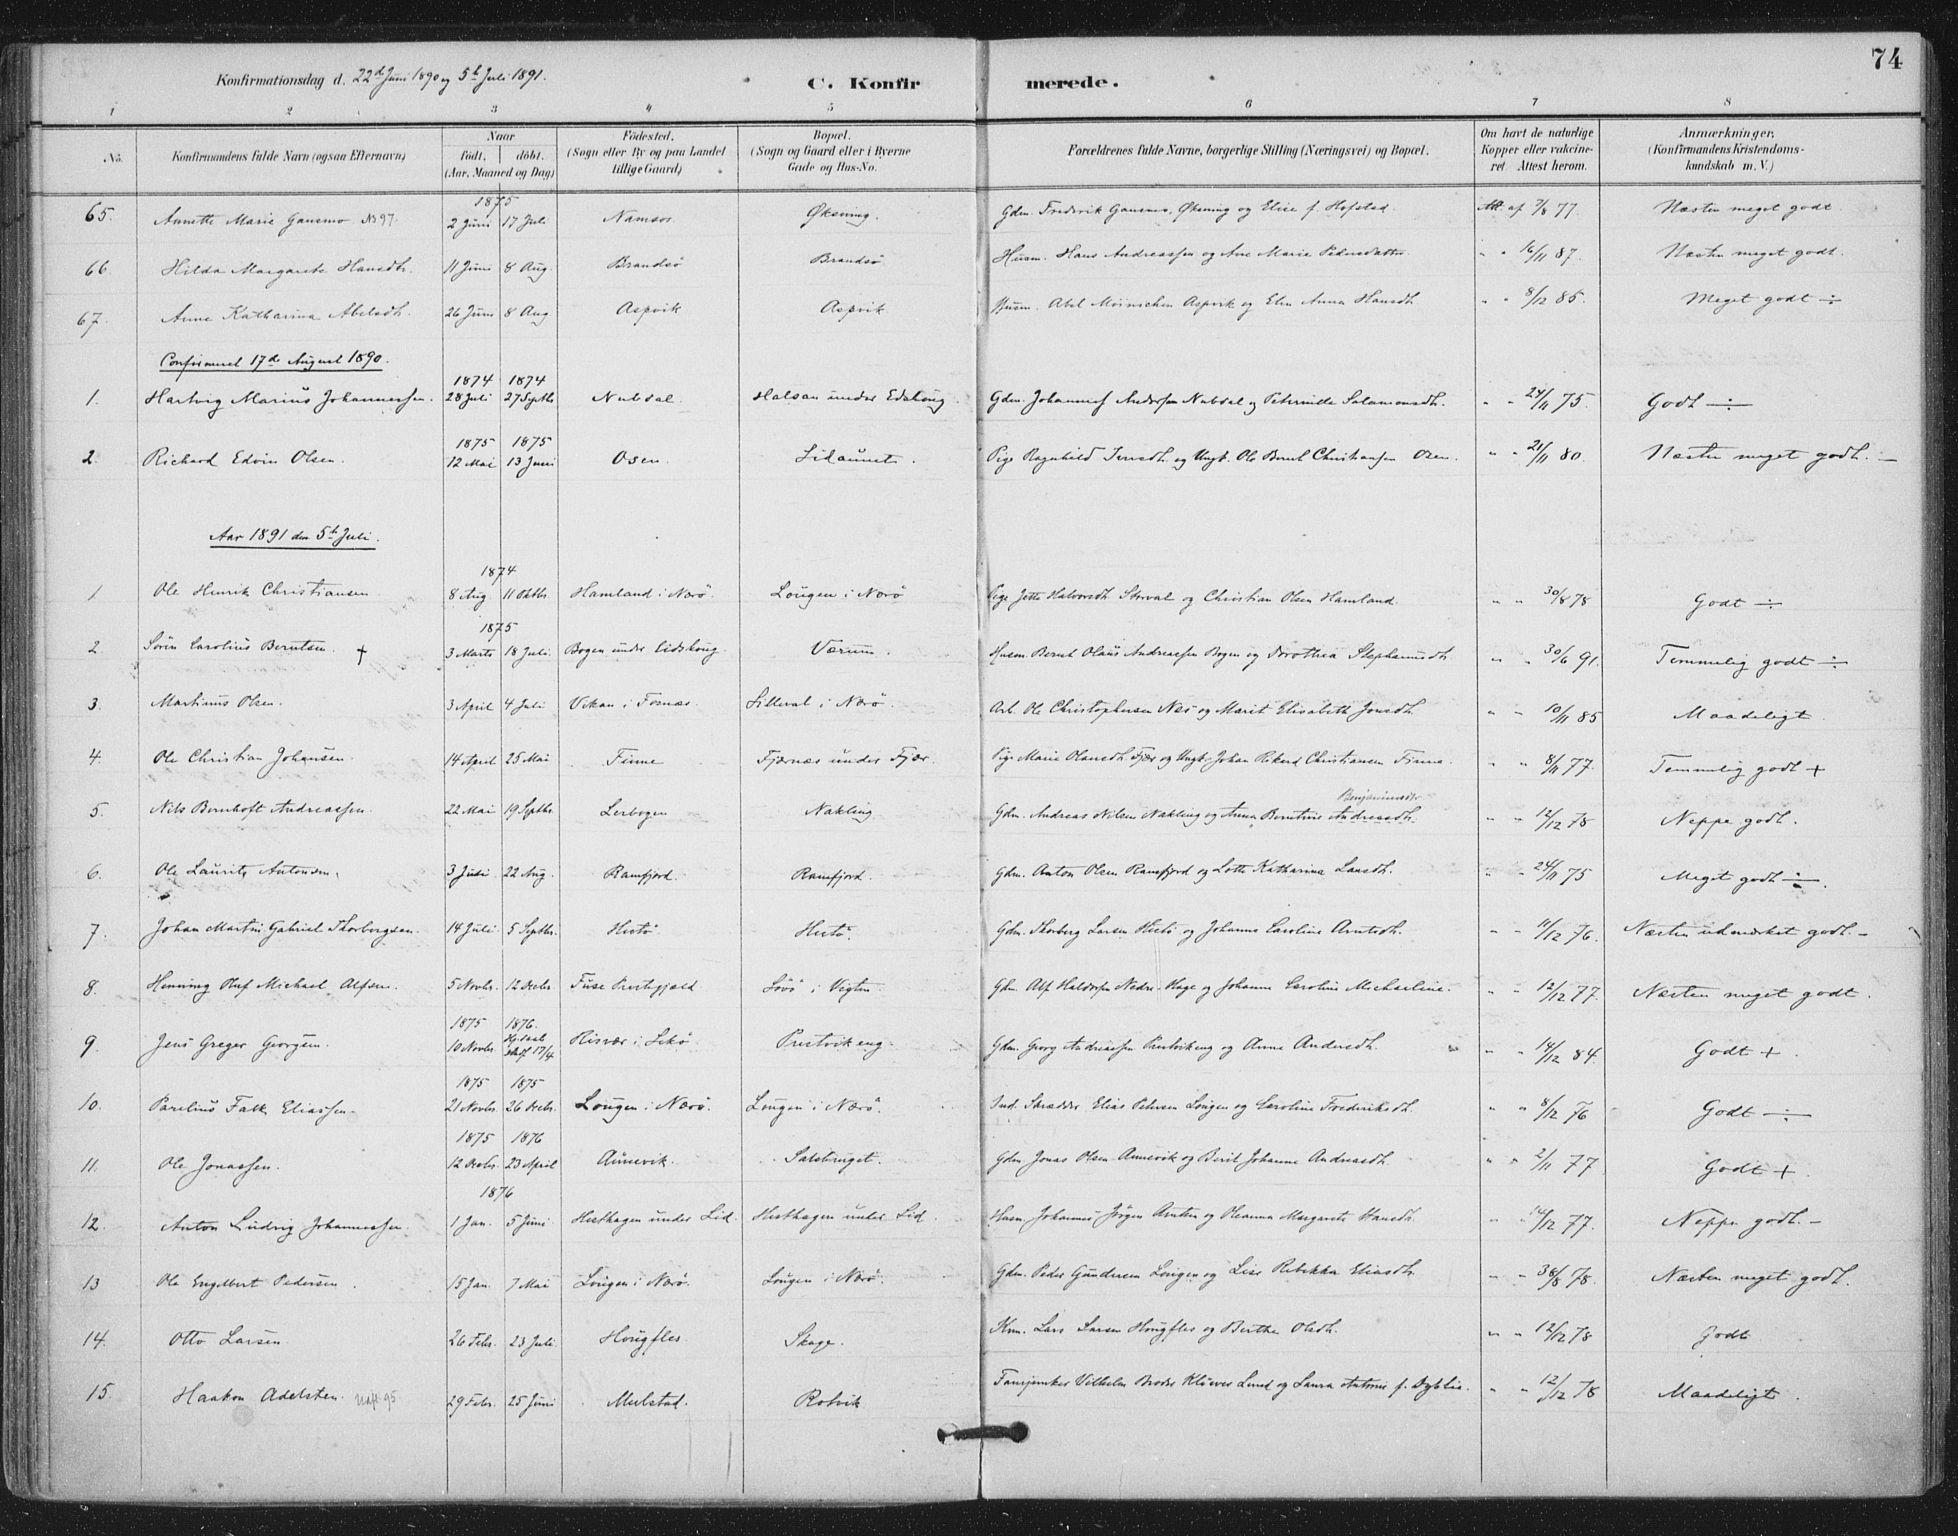 SAT, Ministerialprotokoller, klokkerbøker og fødselsregistre - Nord-Trøndelag, 780/L0644: Ministerialbok nr. 780A08, 1886-1903, s. 74